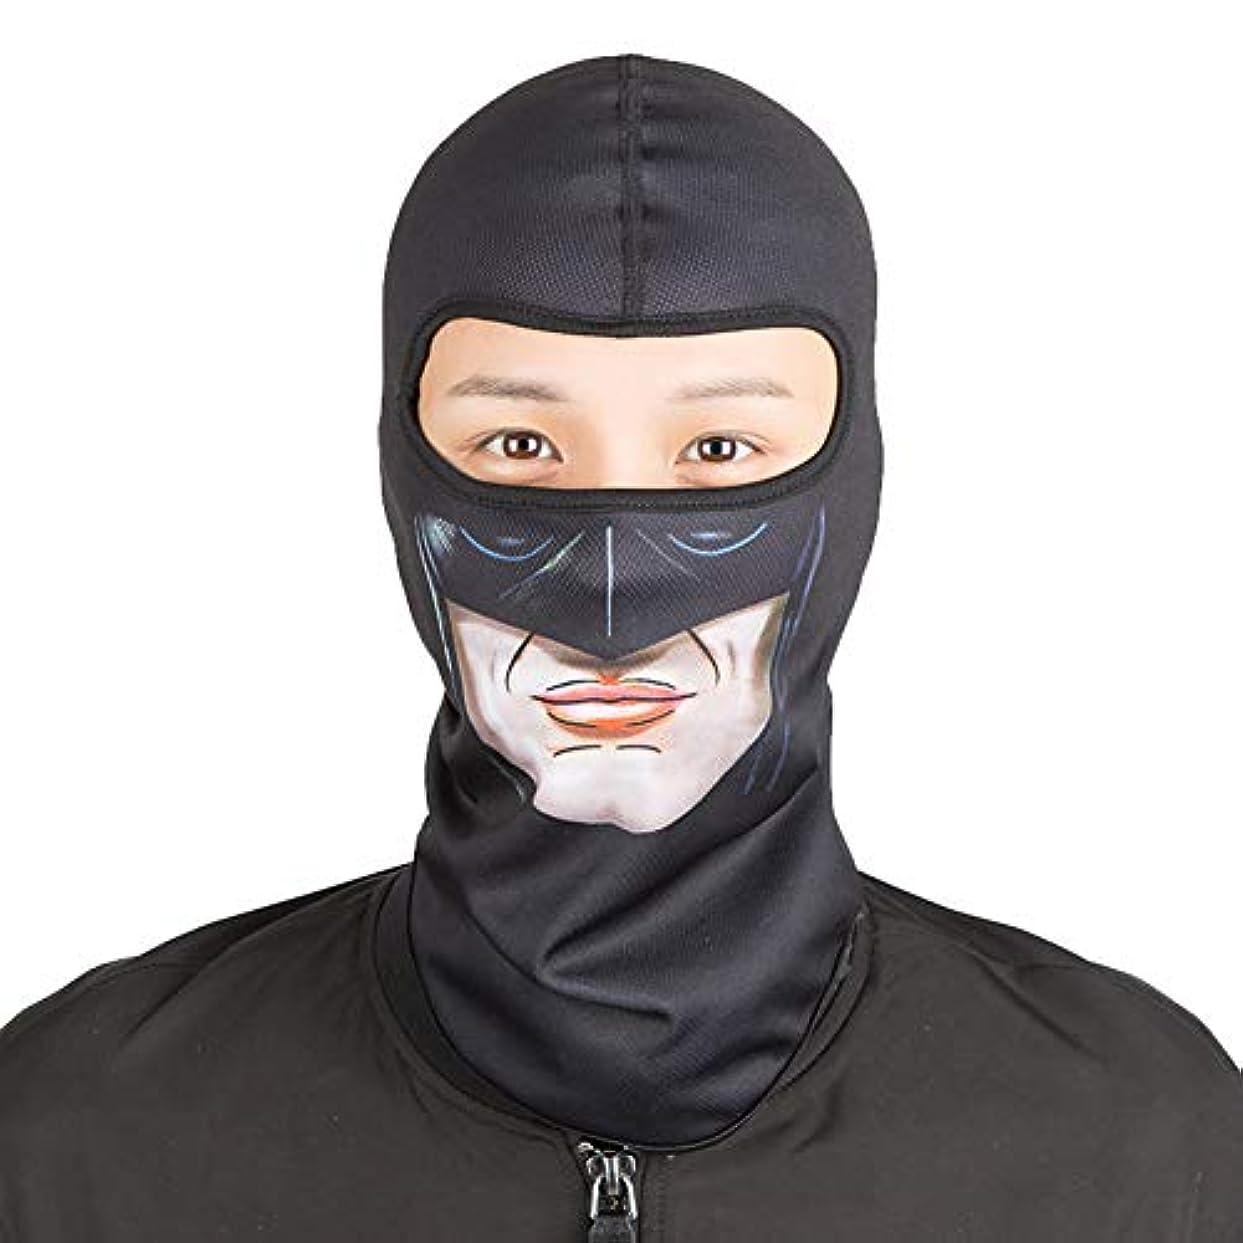 ごめんなさいセグメントカテゴリーコールドマスクライディングマスクスポーツスキー顔アンチ霧防塵防風電動オートバイの帽子